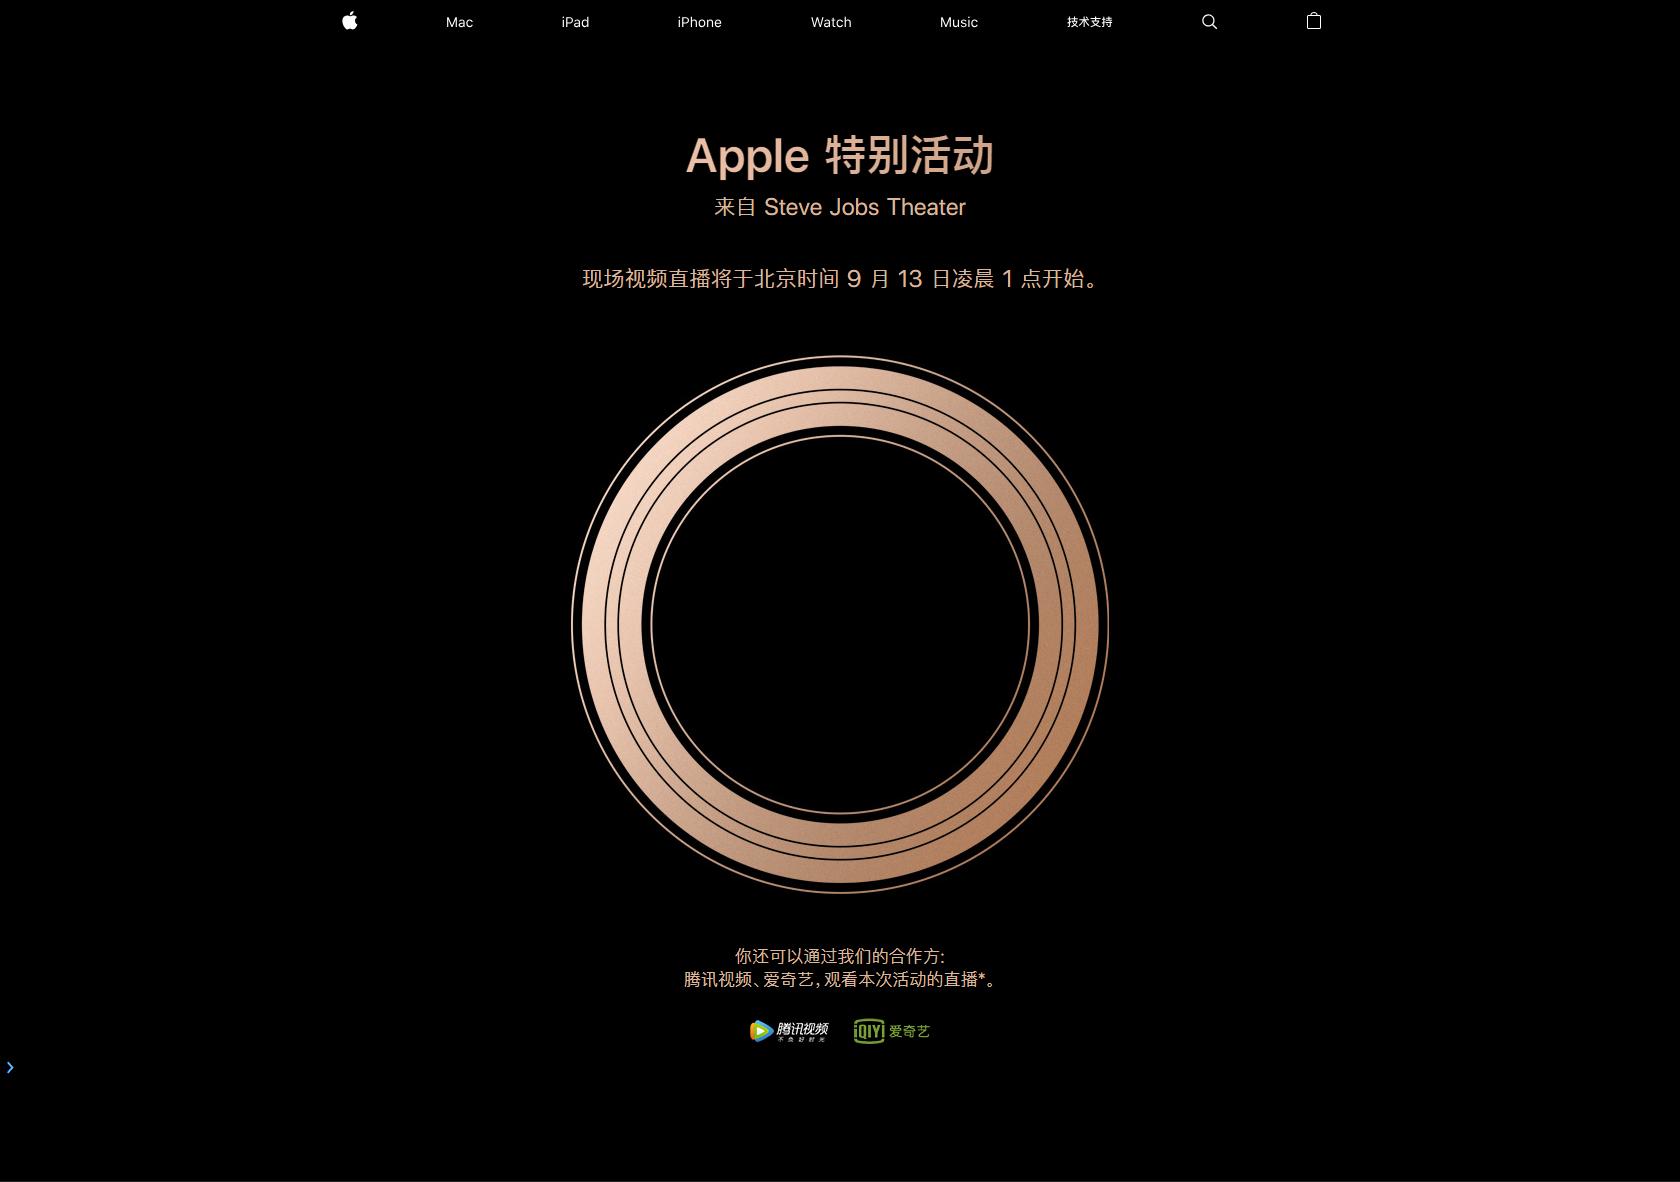 苹果公司新品iPhone发布会直播地址汇总 北京时间9月13日凌晨1点正式开始